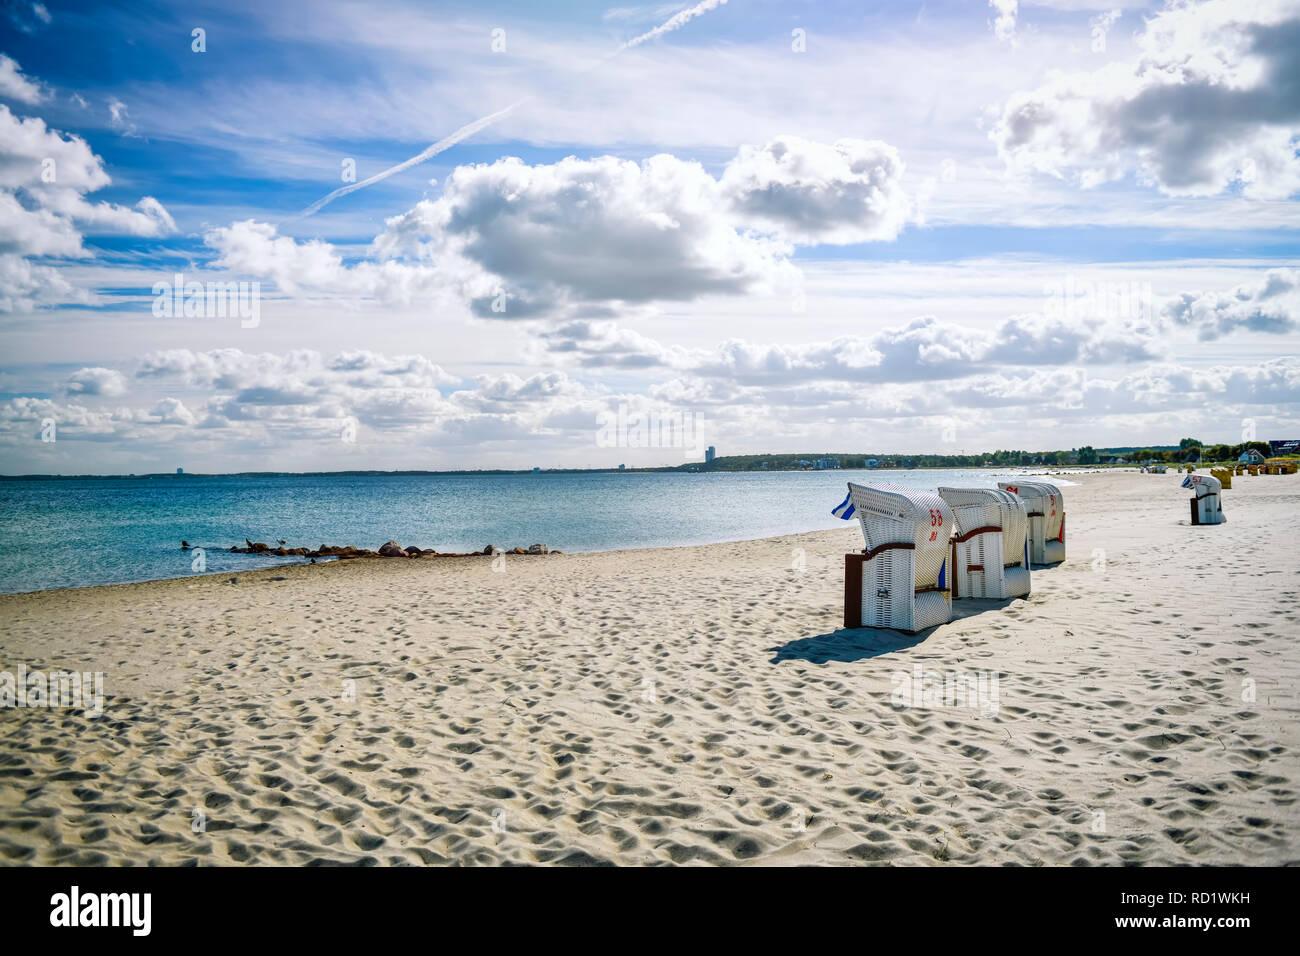 Beach and beach baskets on the Baltic Sea in lagoon jug, Schleswig - Holstein, Germany, Europe, Strand und Strandkörbe an der Ostsee in Haffkrug, Schl - Stock Image